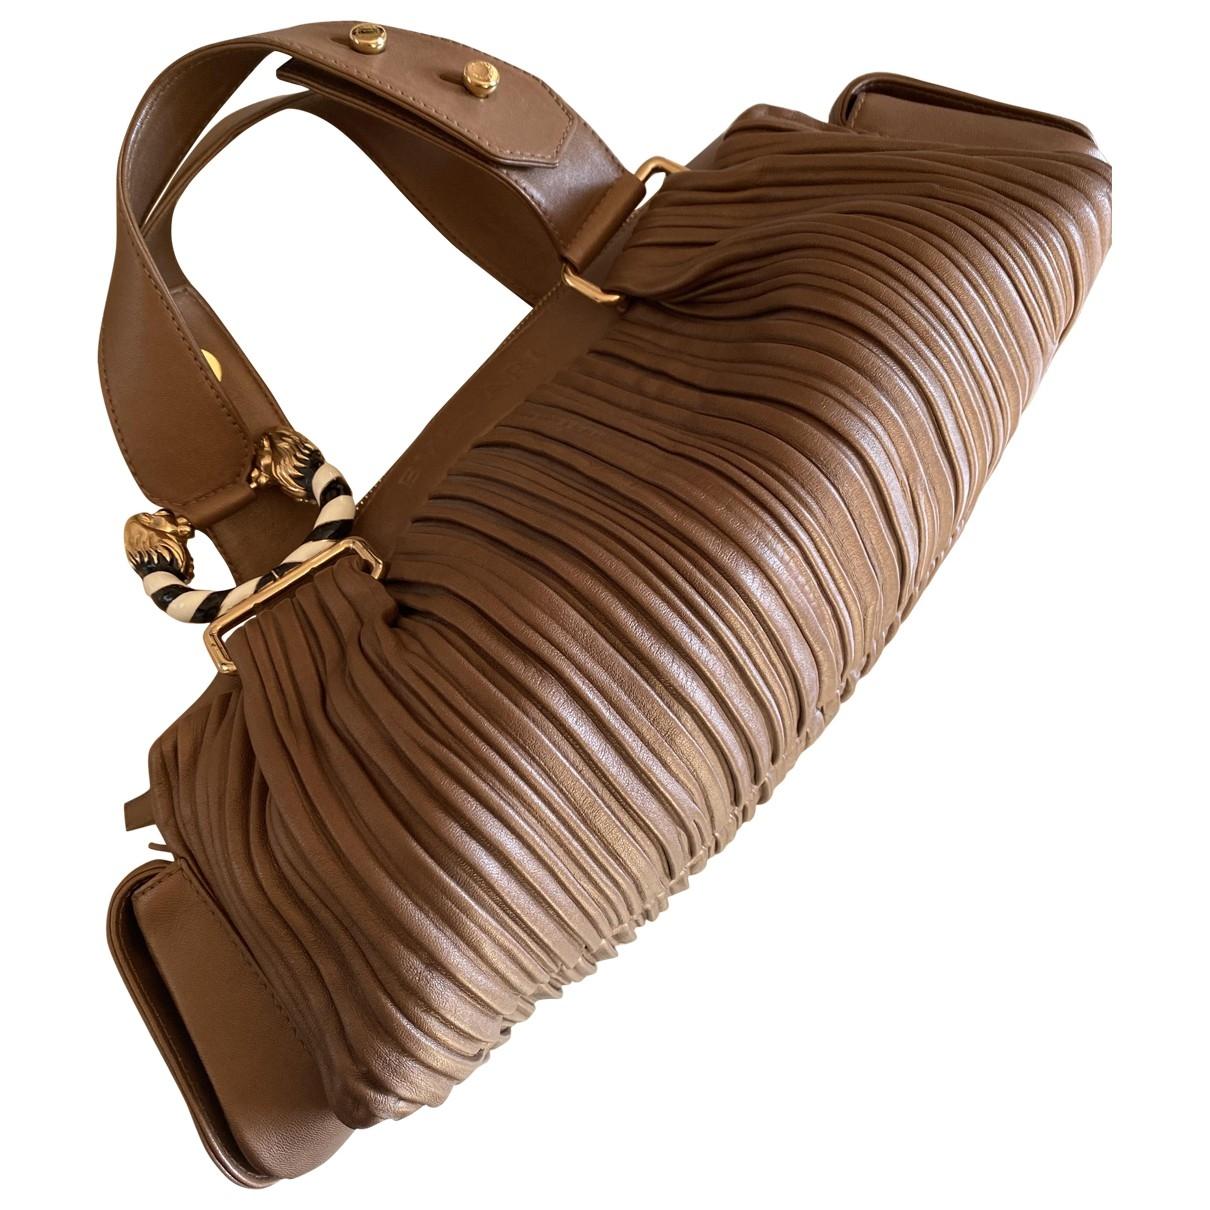 Bvlgari - Sac a main   pour femme en cuir - marron